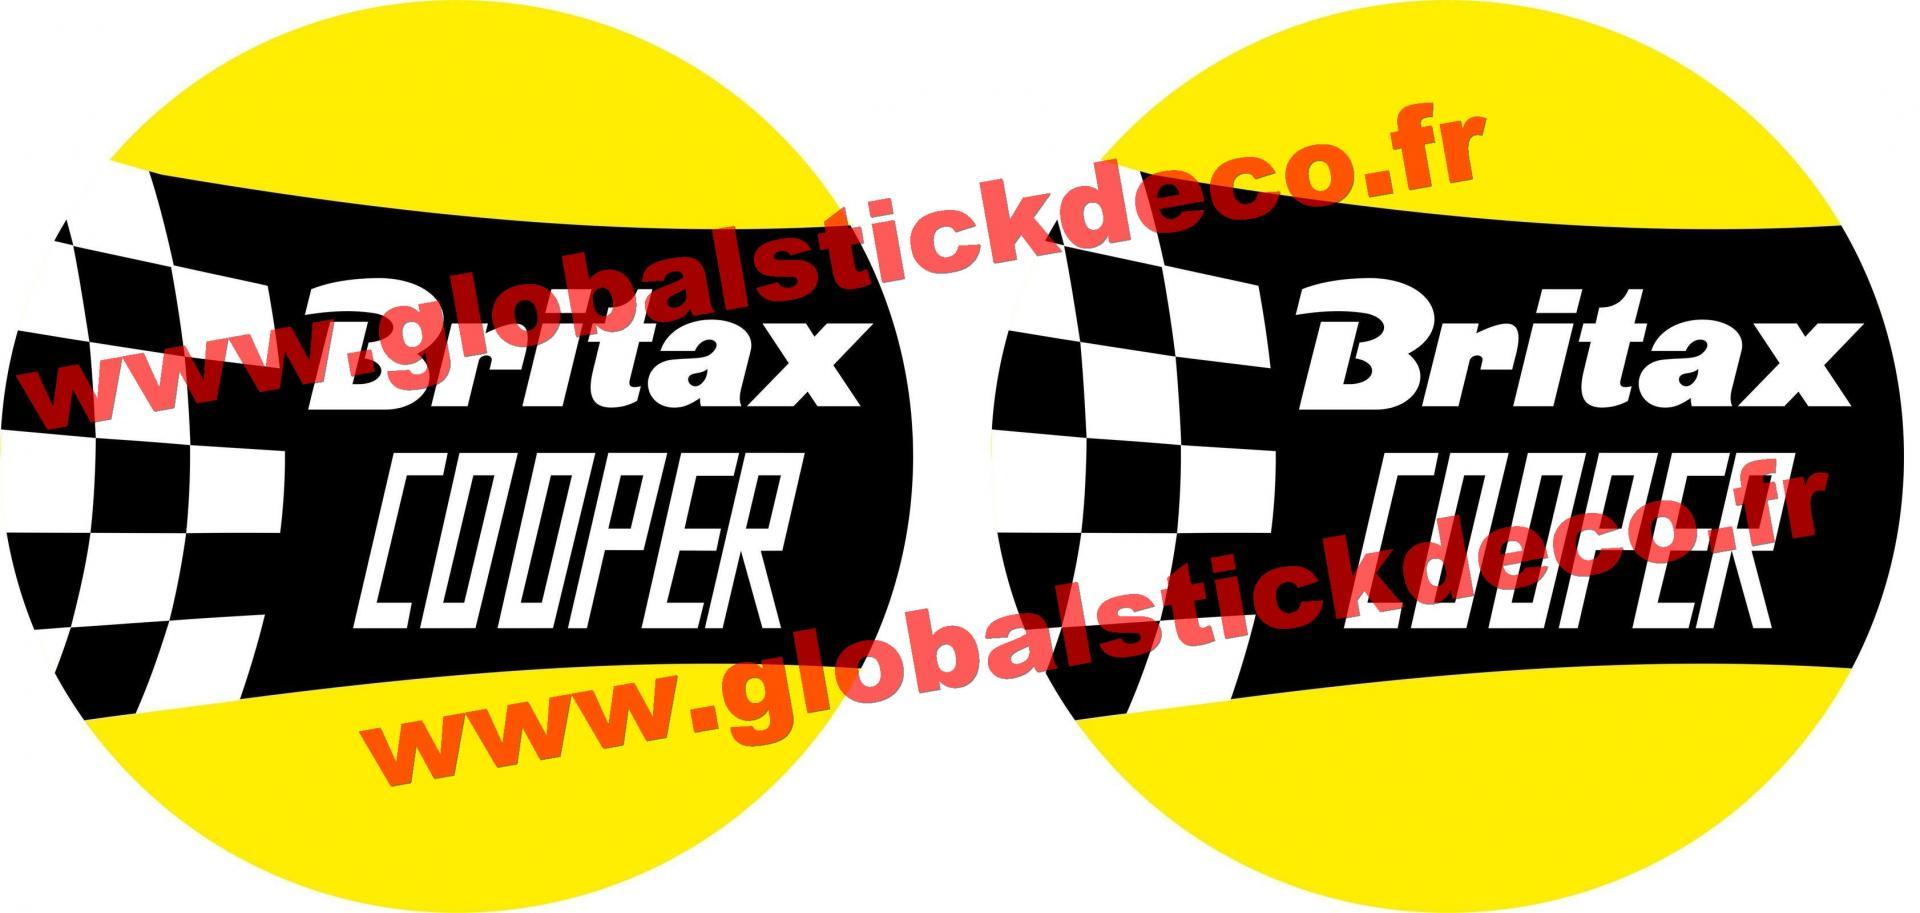 Britax cooper copie